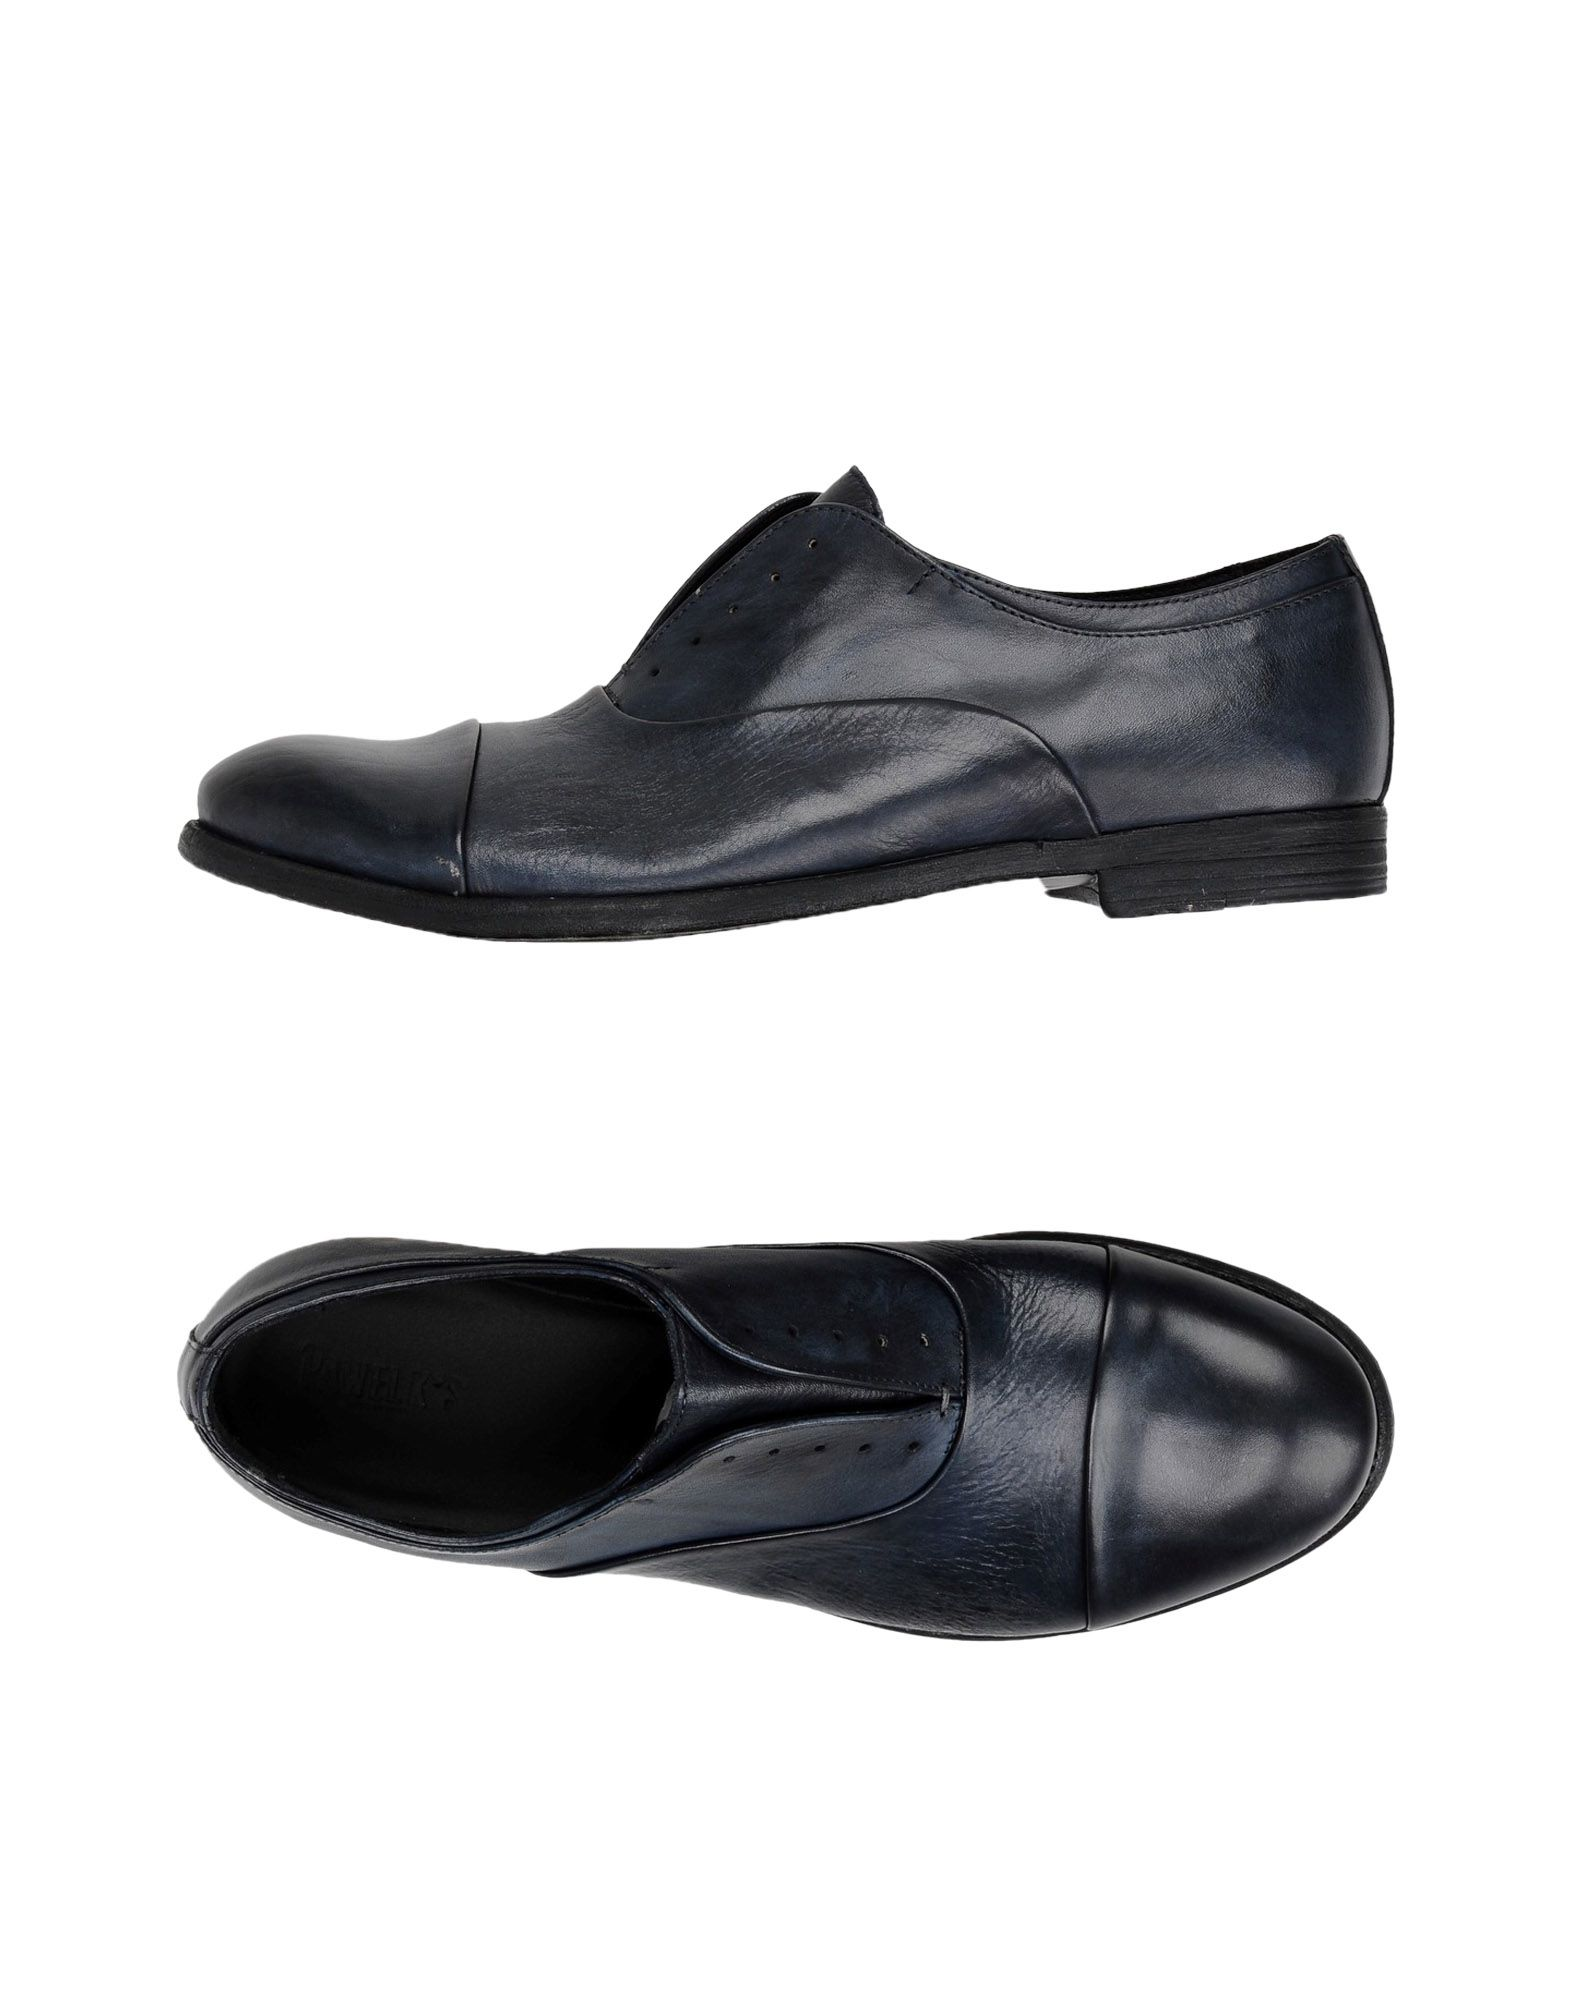 PAWELK'S Loafers in Dark Blue